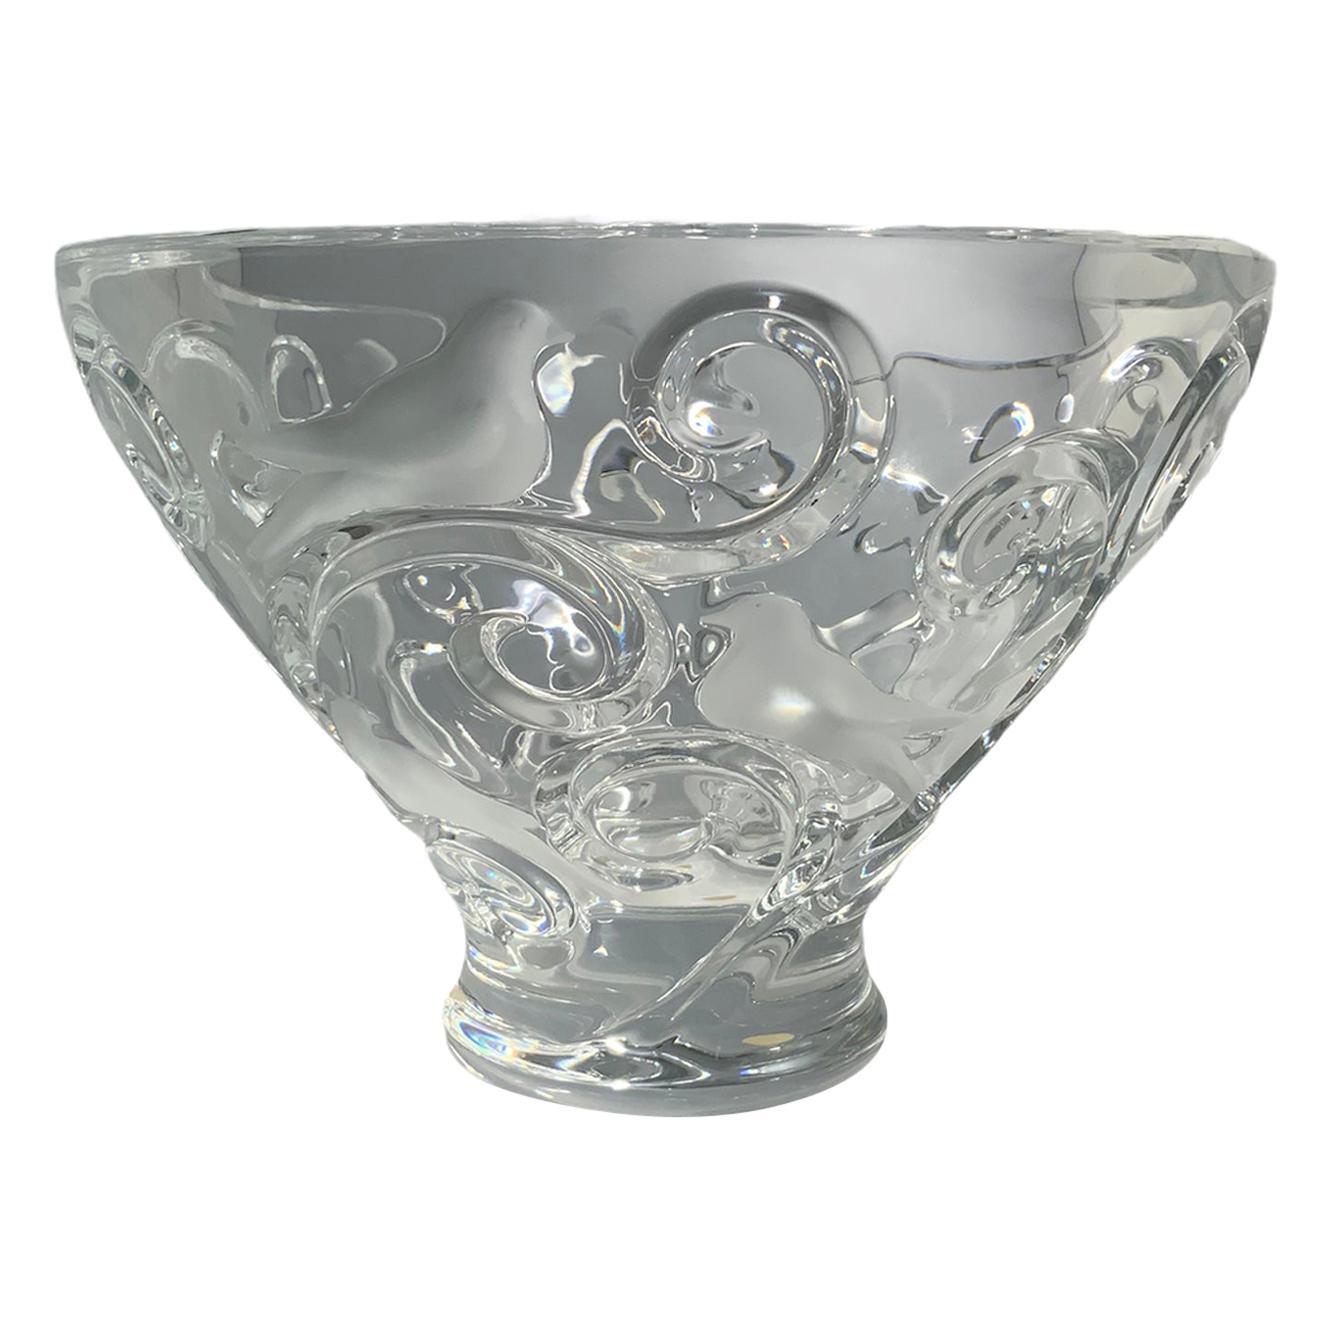 Lalique Verone Crystal Bowl Centerpiece